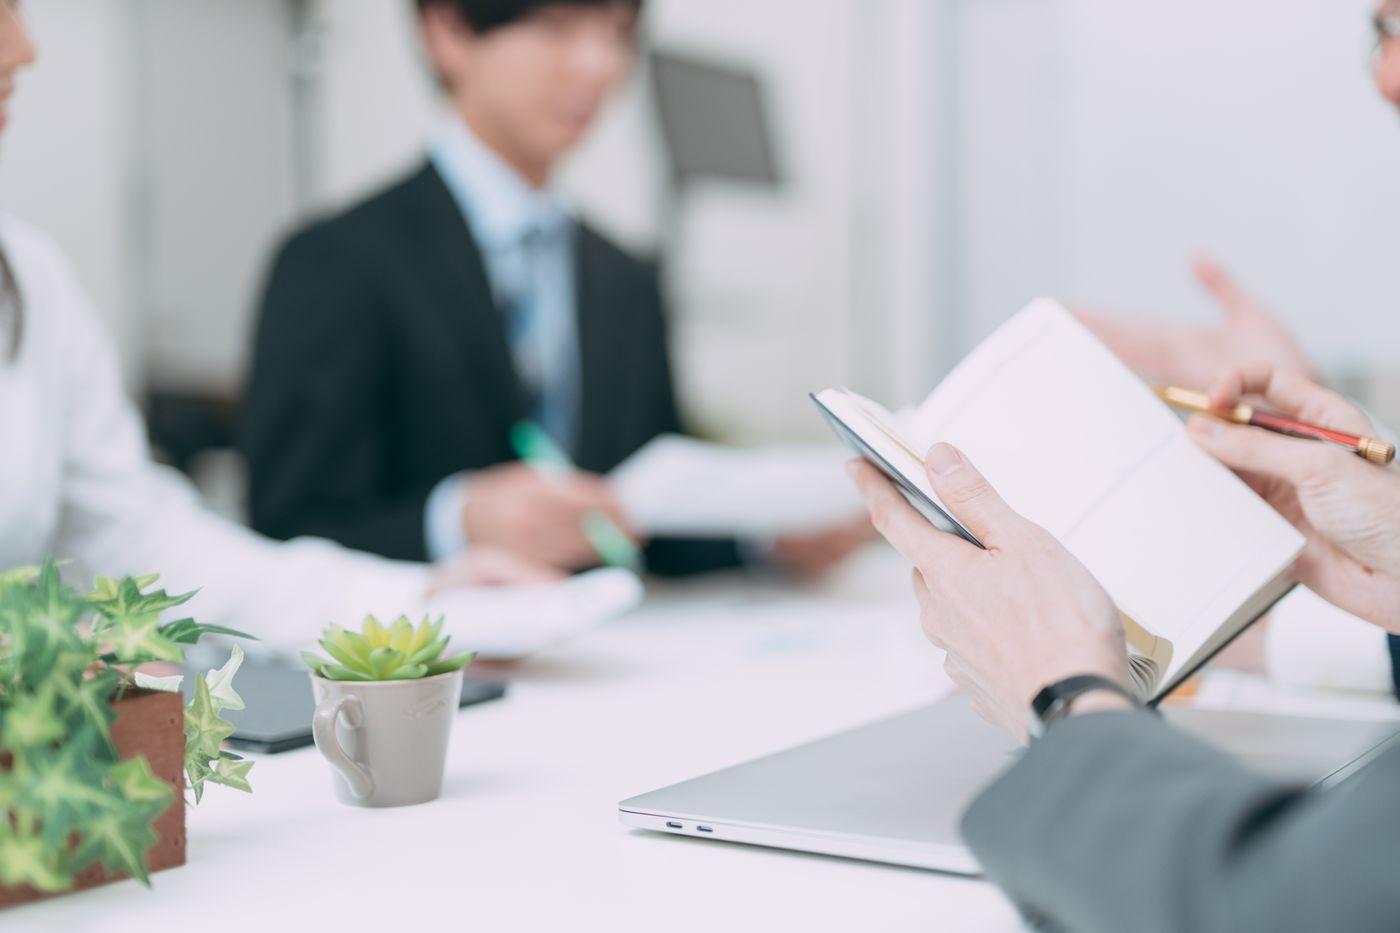 会議中にメモを開いて確認するビジネスマンの写真